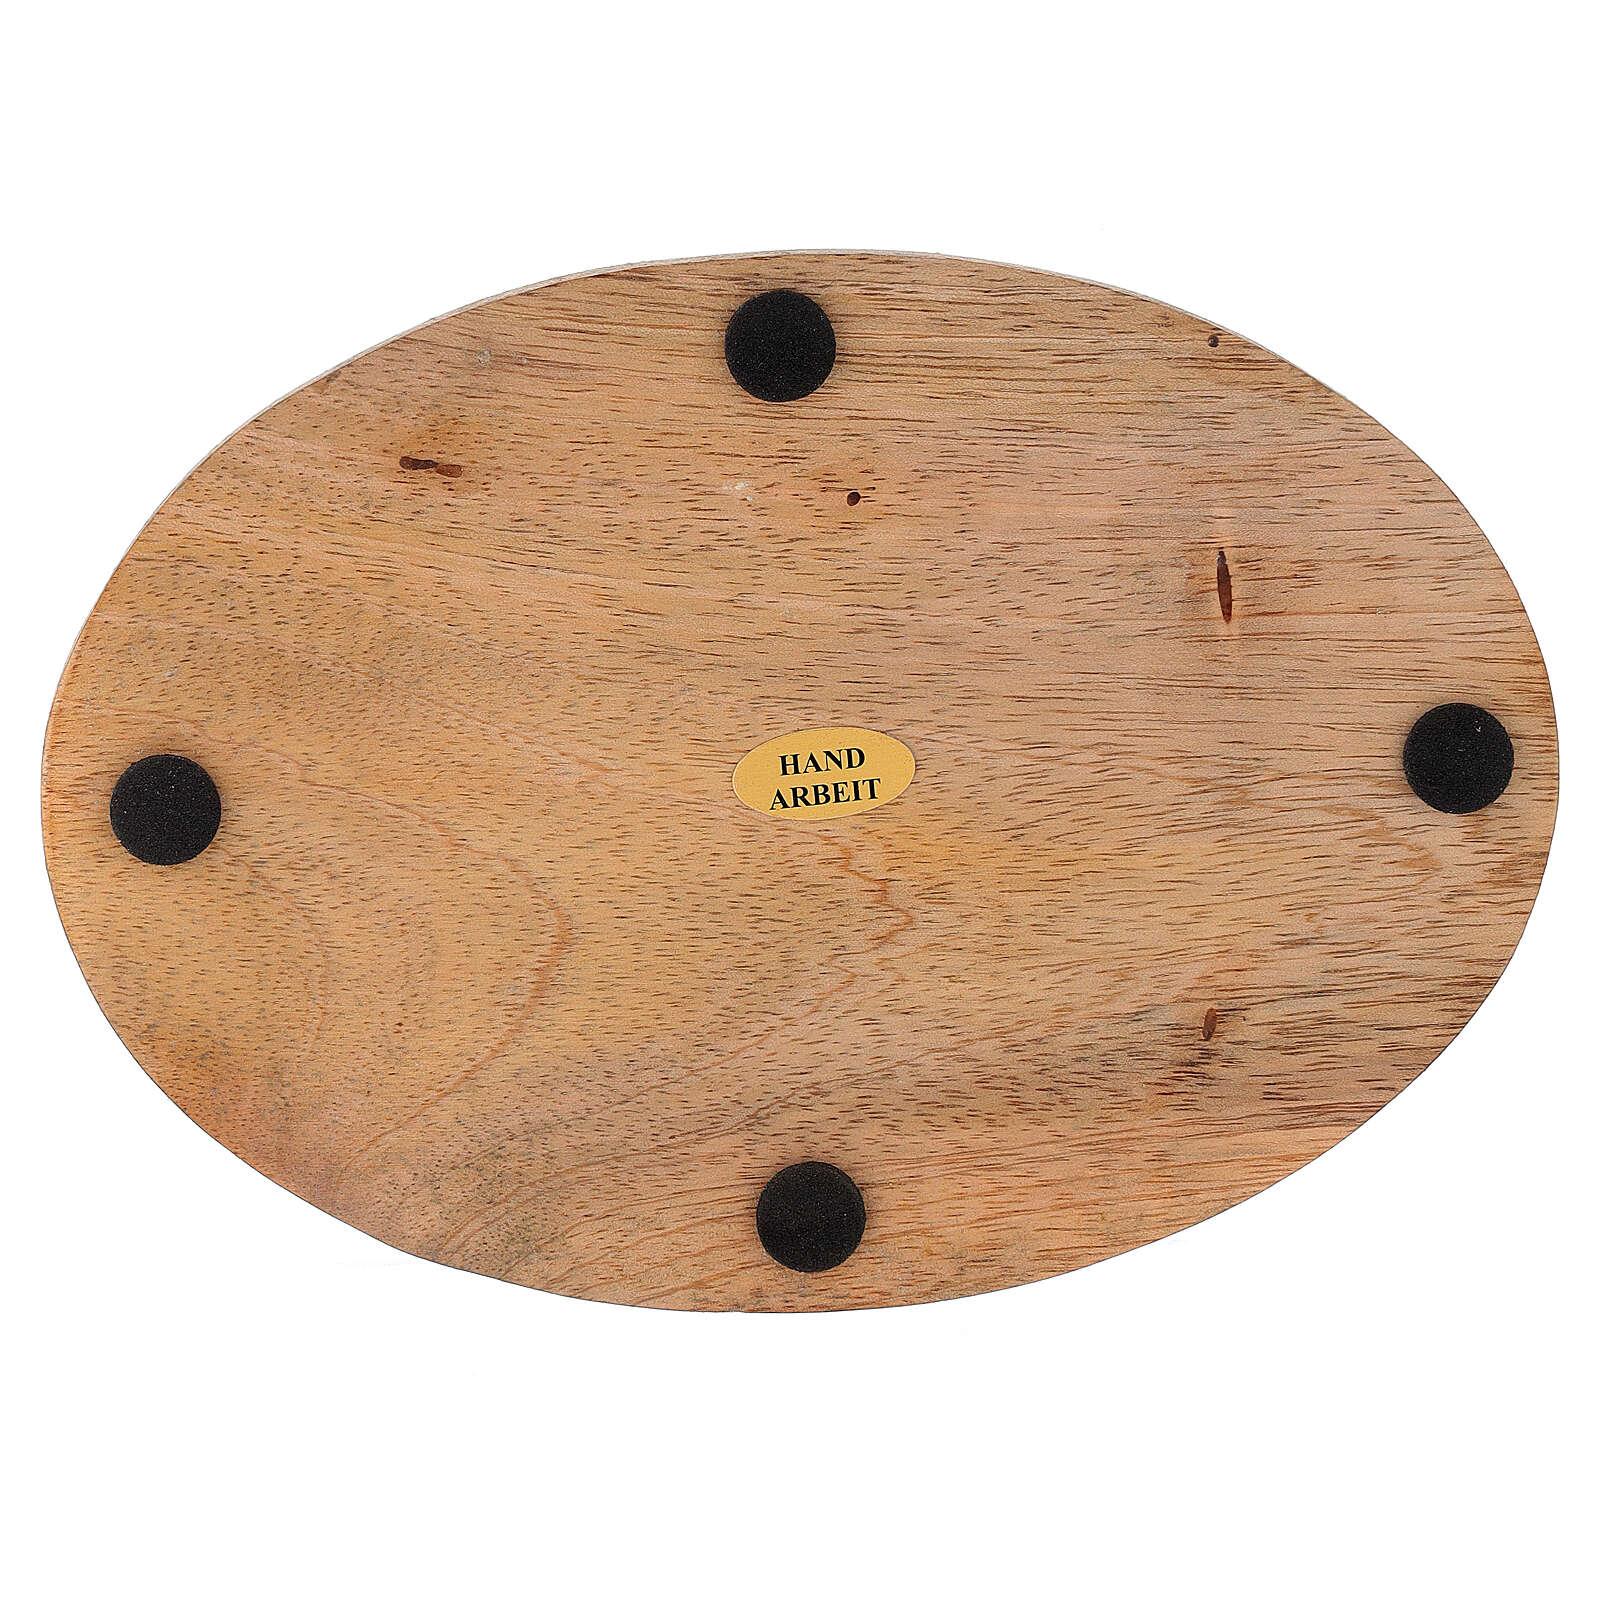 Plato portavela ovalado madera mango natural 17x12 cm 3